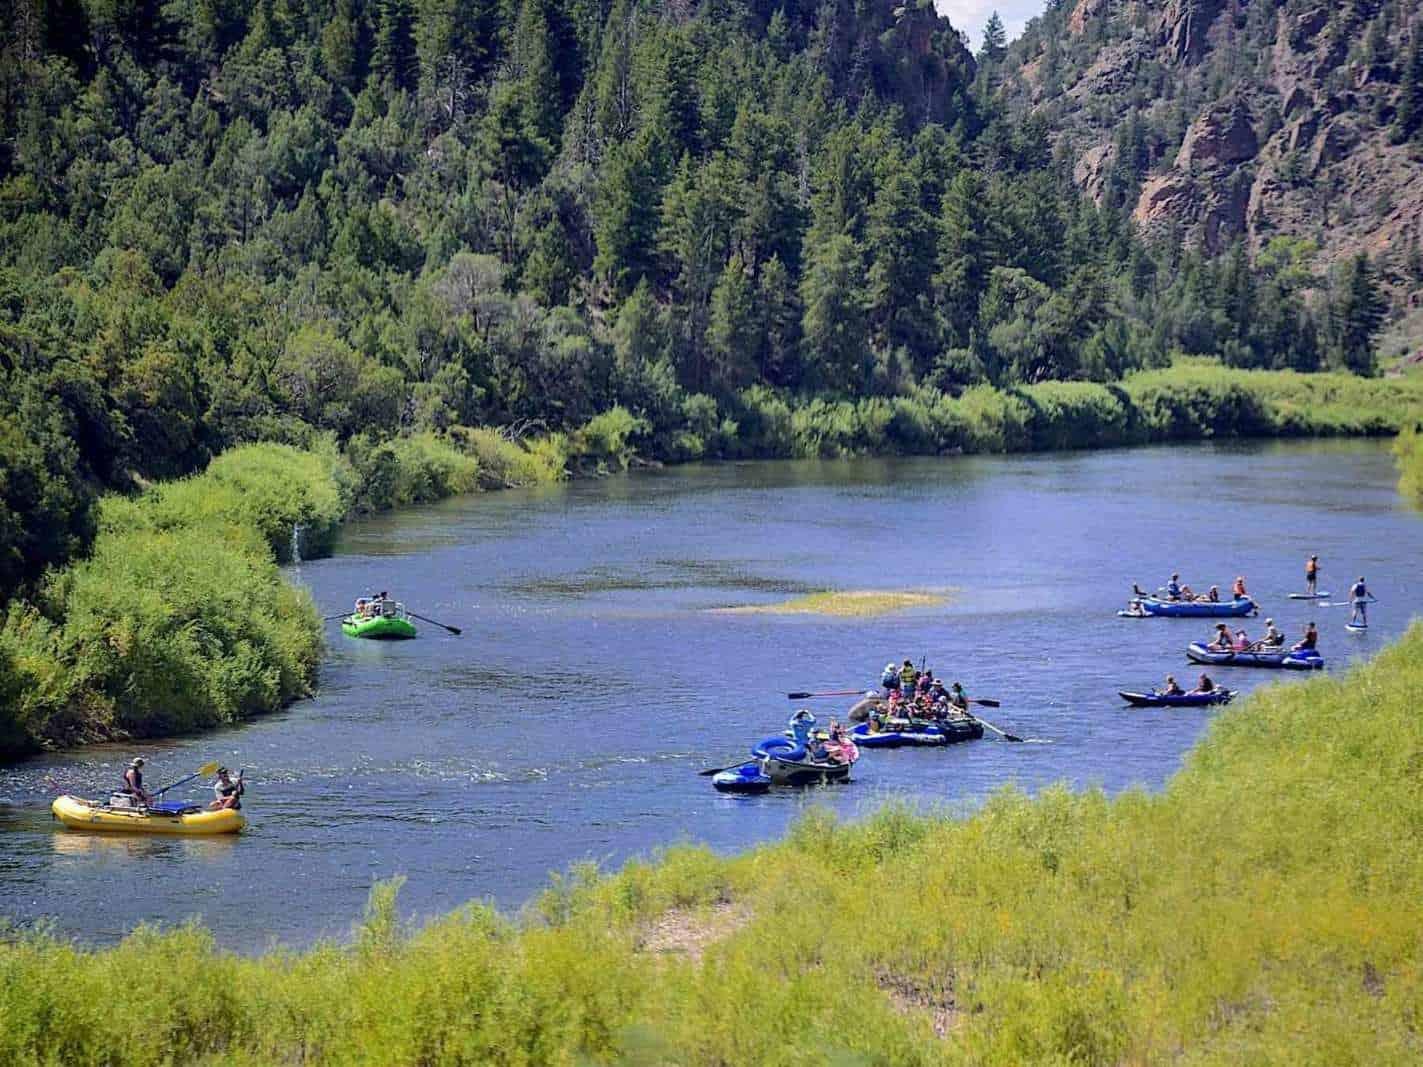 Party on Colorado River